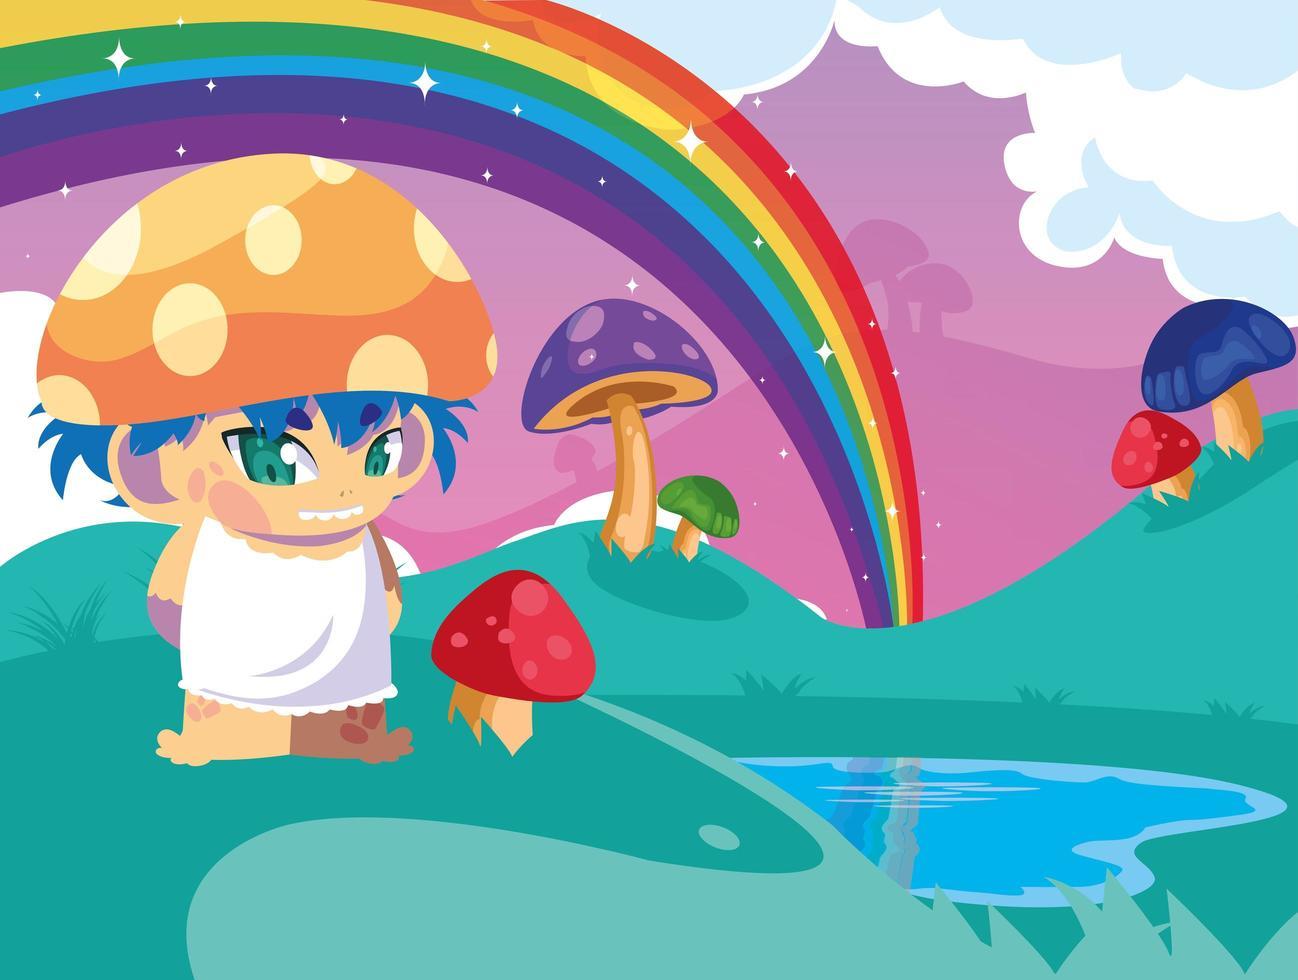 conte de fées petit champignon dans un paysage fantastique avec lac vecteur